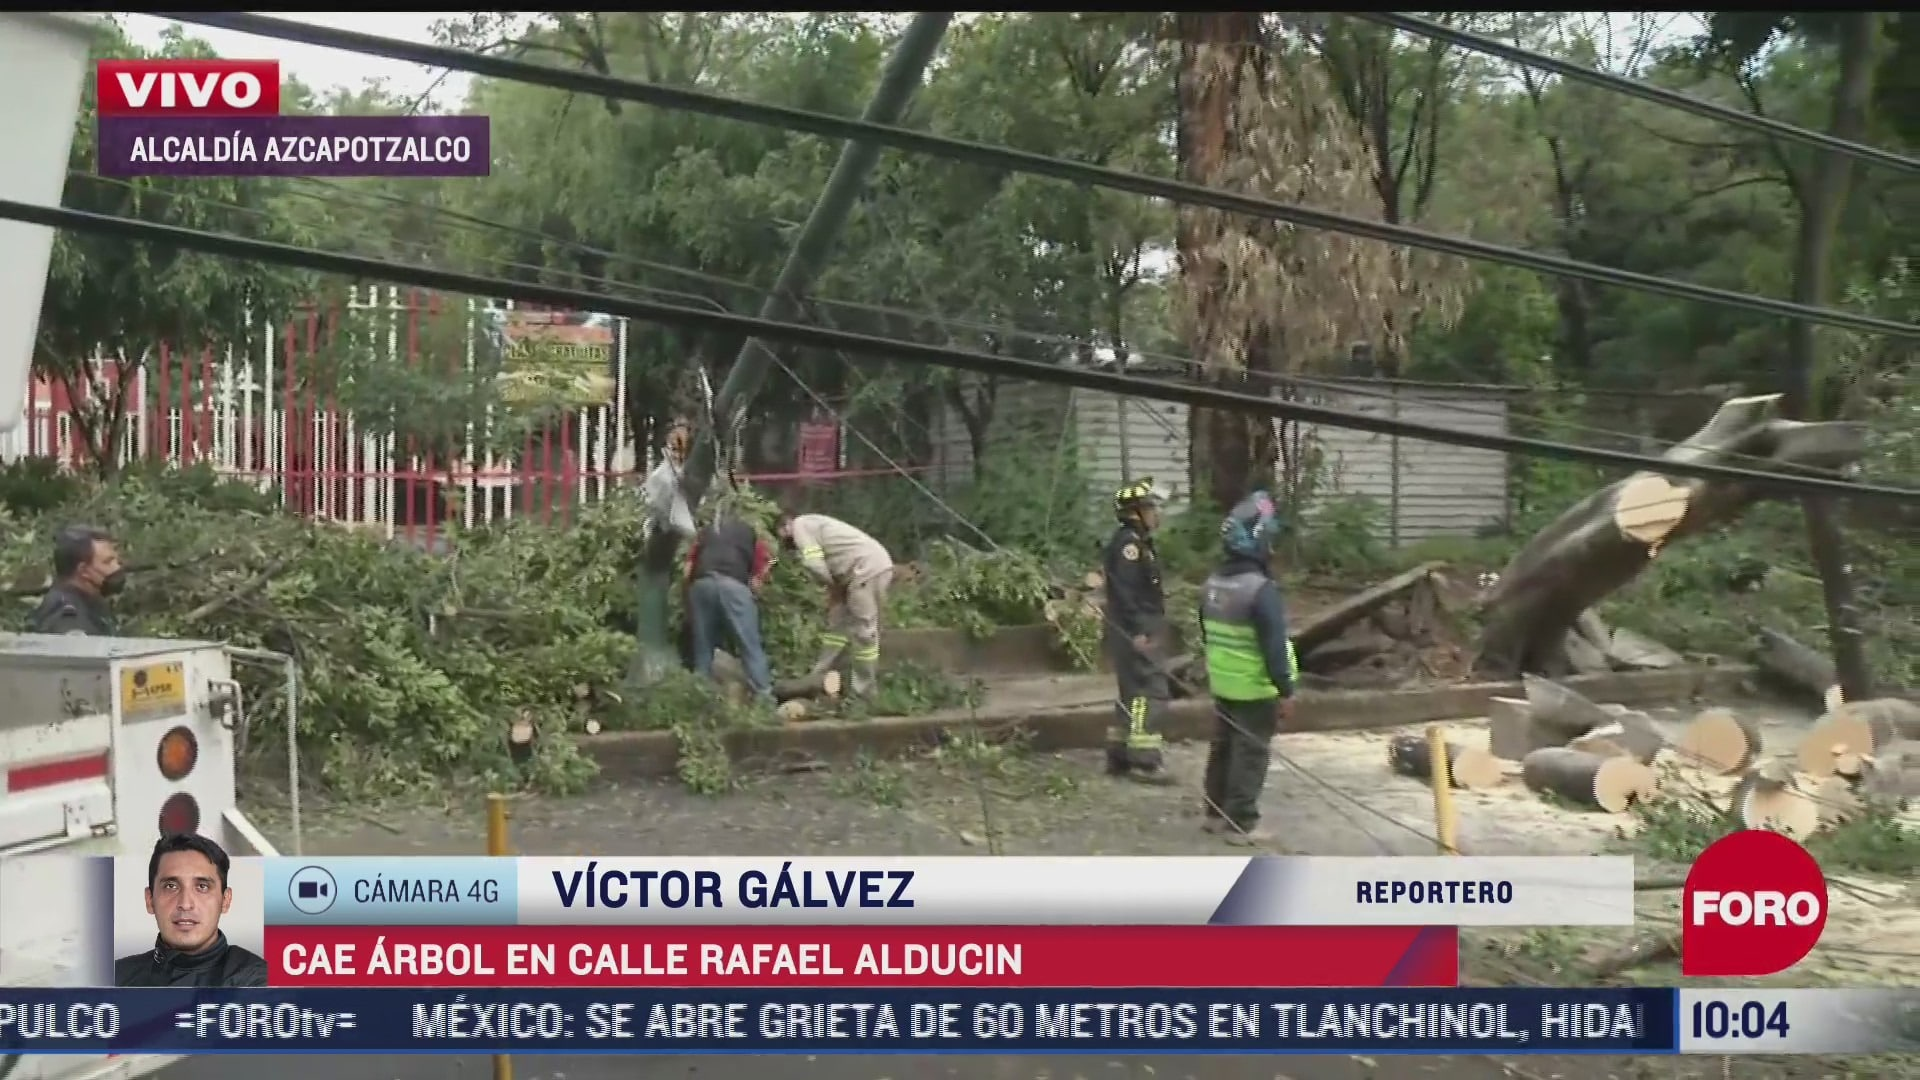 Cae árbol en calles de la alcaldía Azcapotzalco